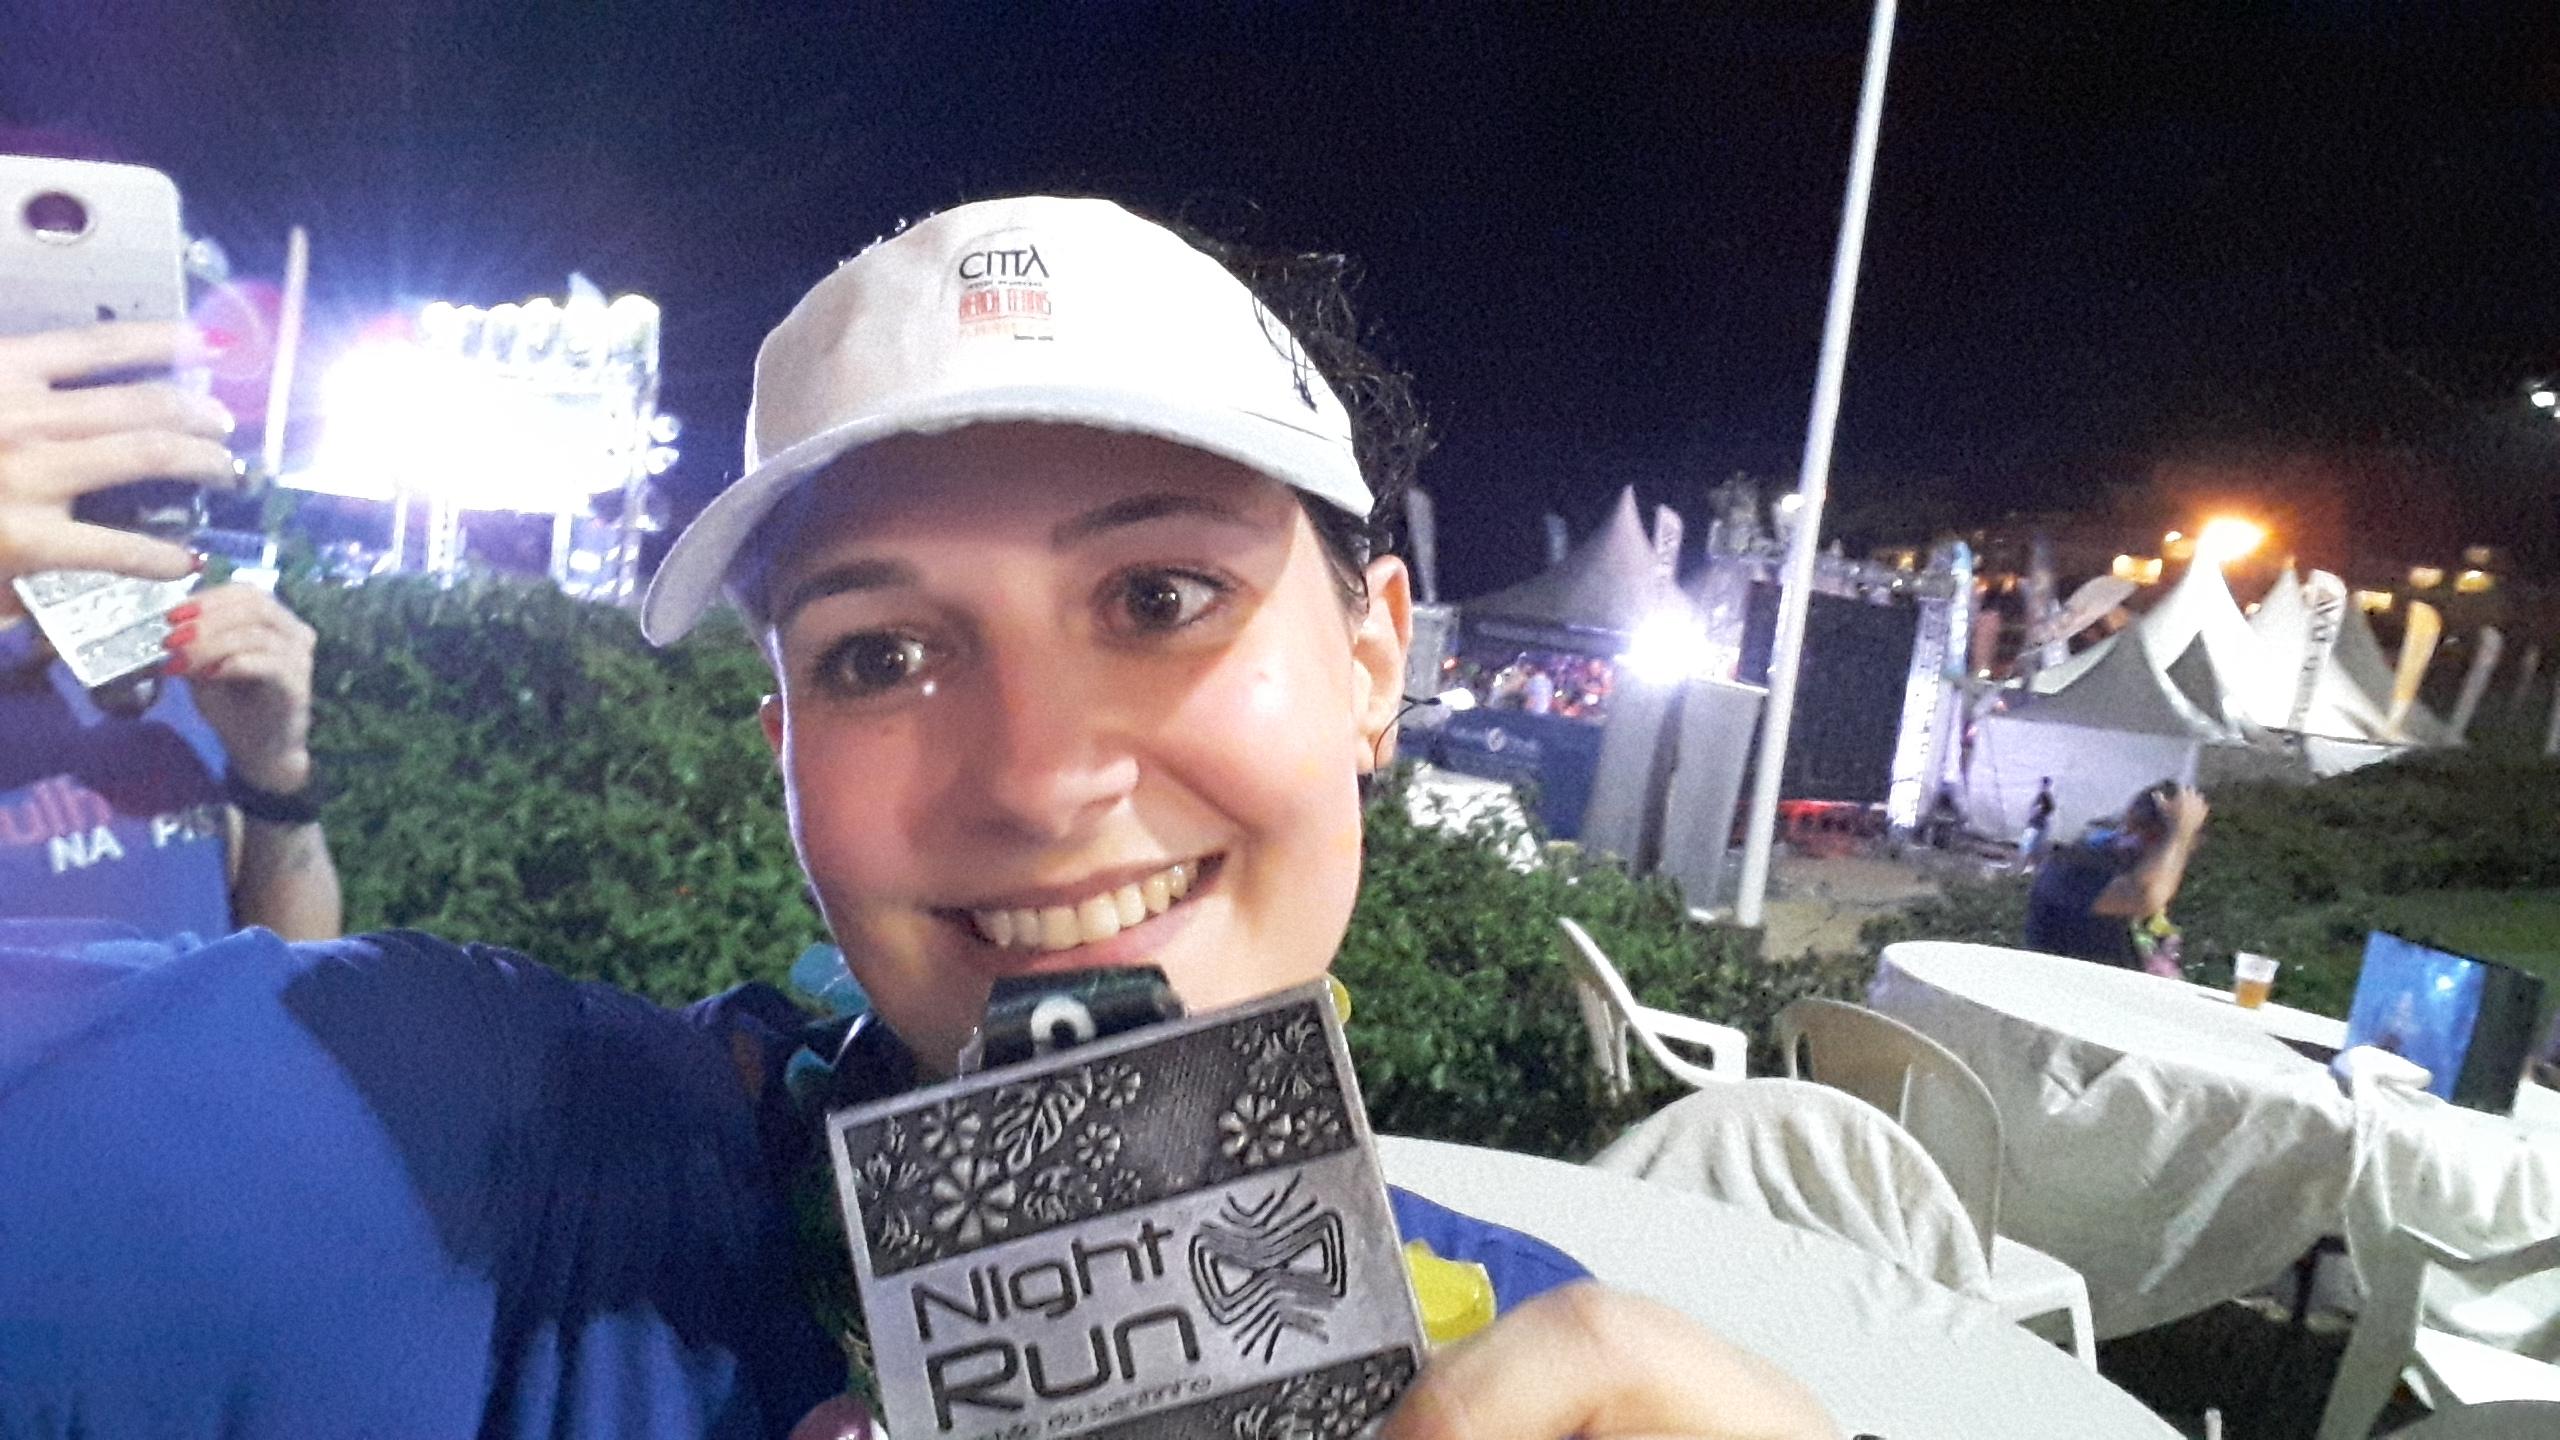 Night Run Costão do Santinho? Satisfação garantida!